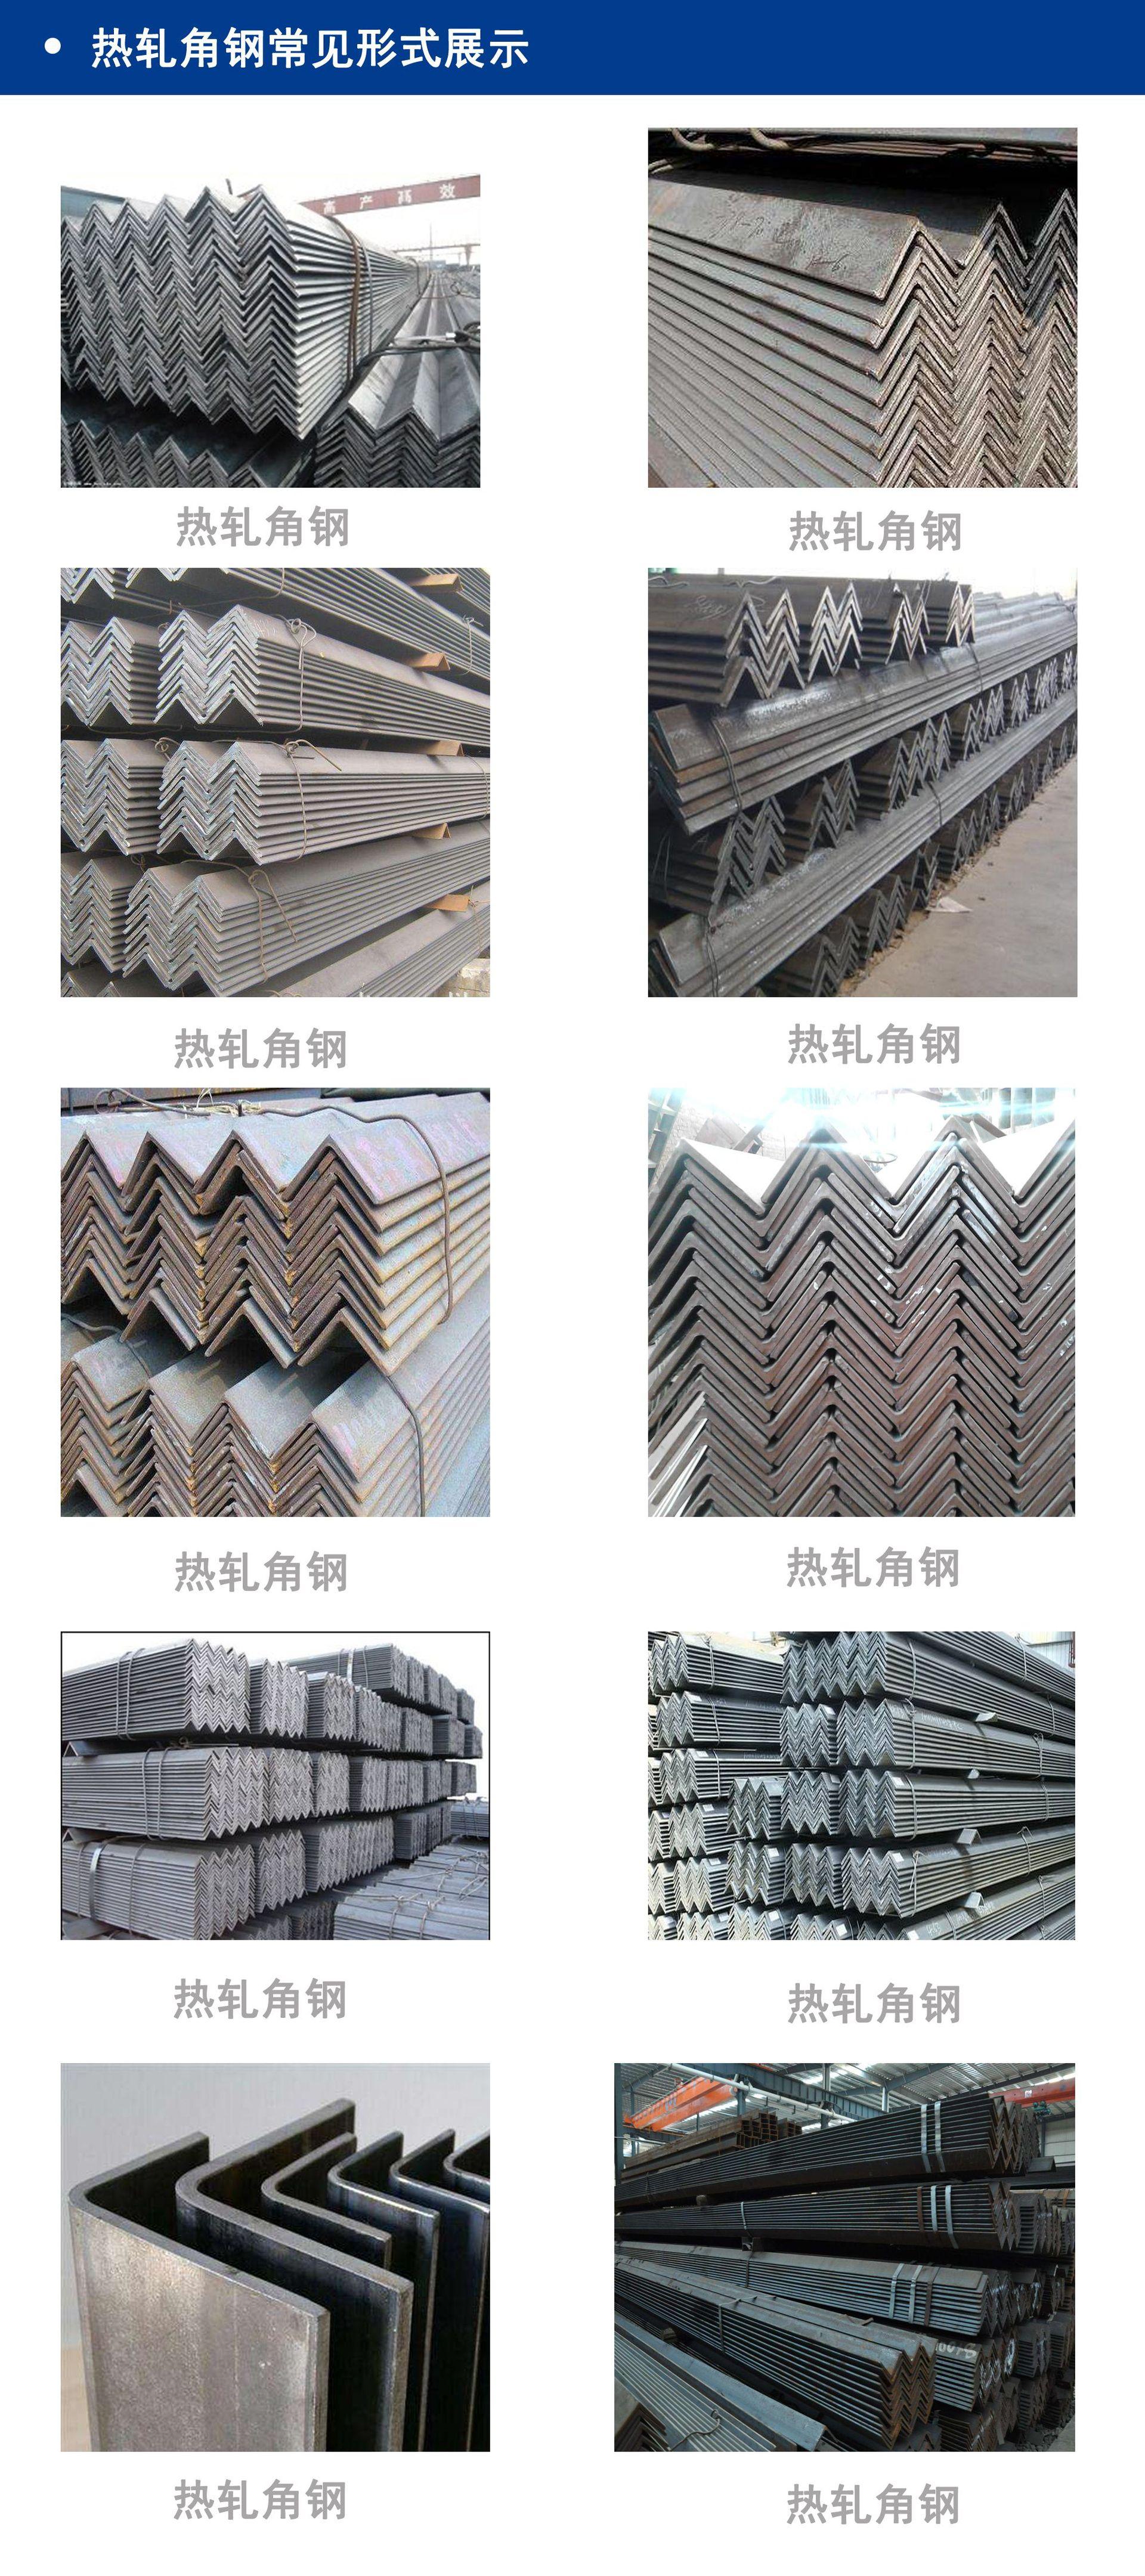 Các nhà sản xuất thép góc bên thứ q235b cạnh không đều nóng có thể chế biến hàng cắt thép góc mạ kẽm